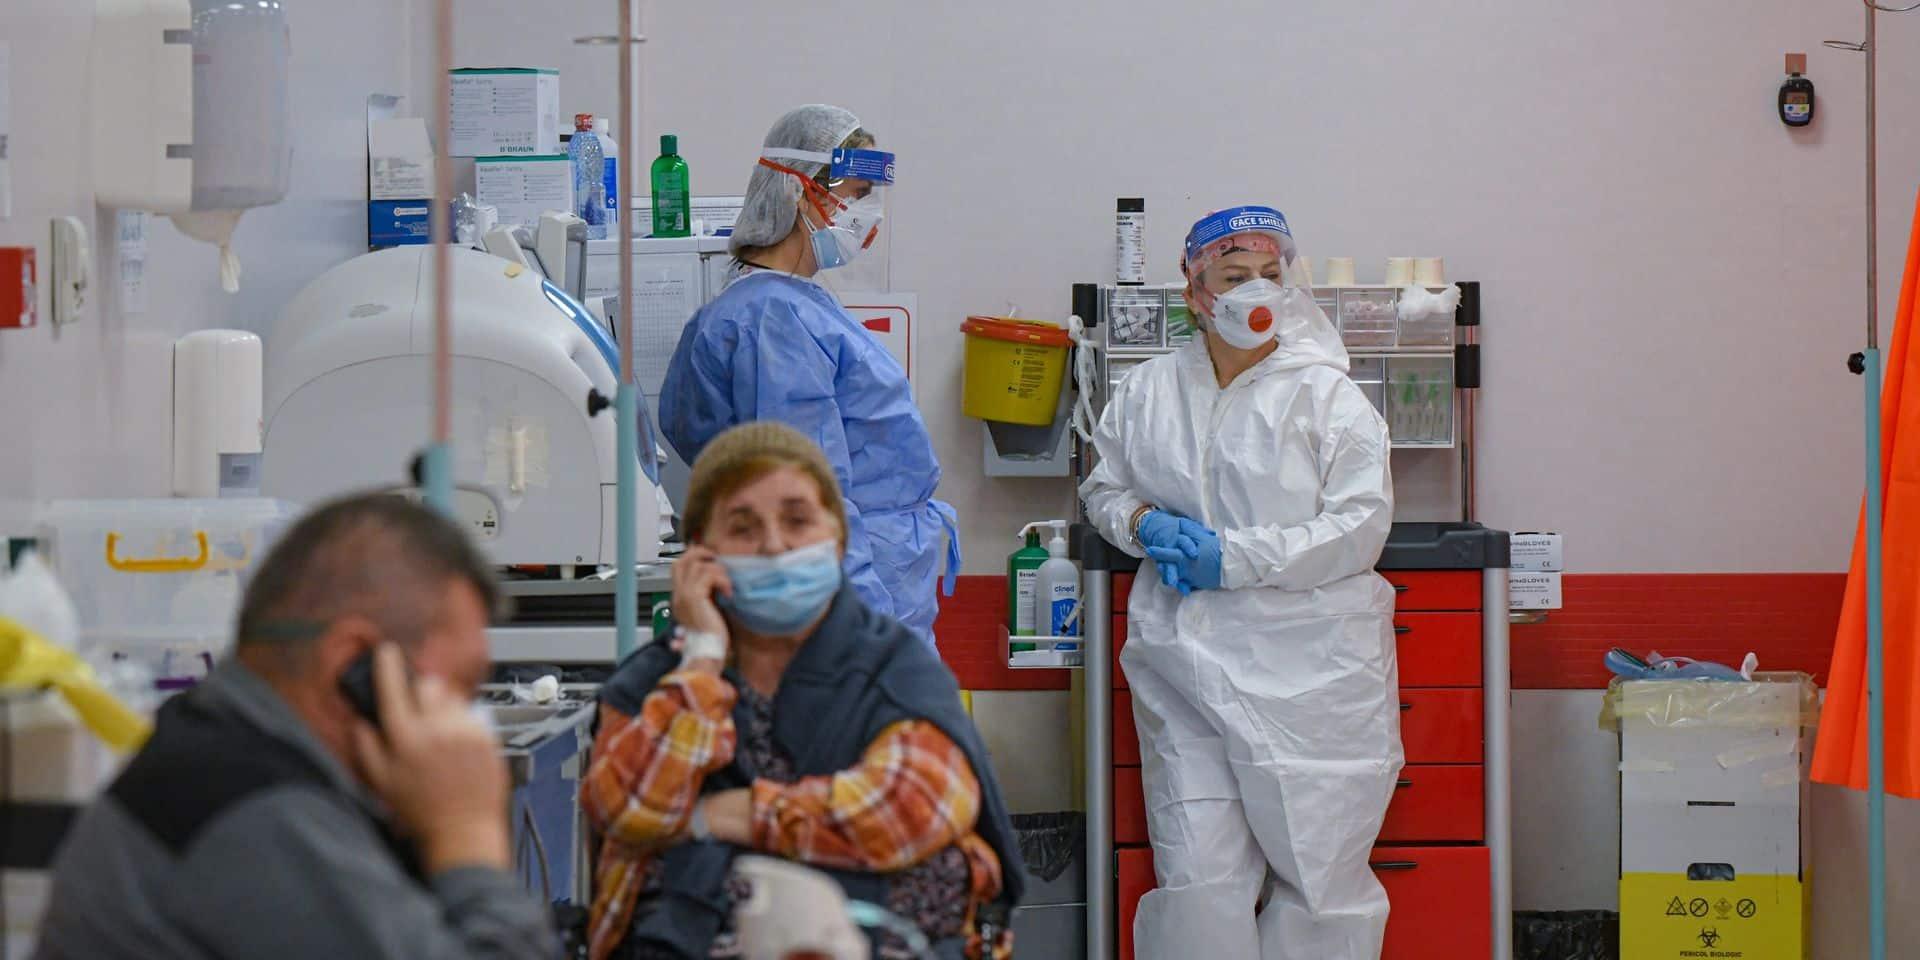 Forte hausse des cas de coronavirus dans certains pays d'Europe : le point sur la situation